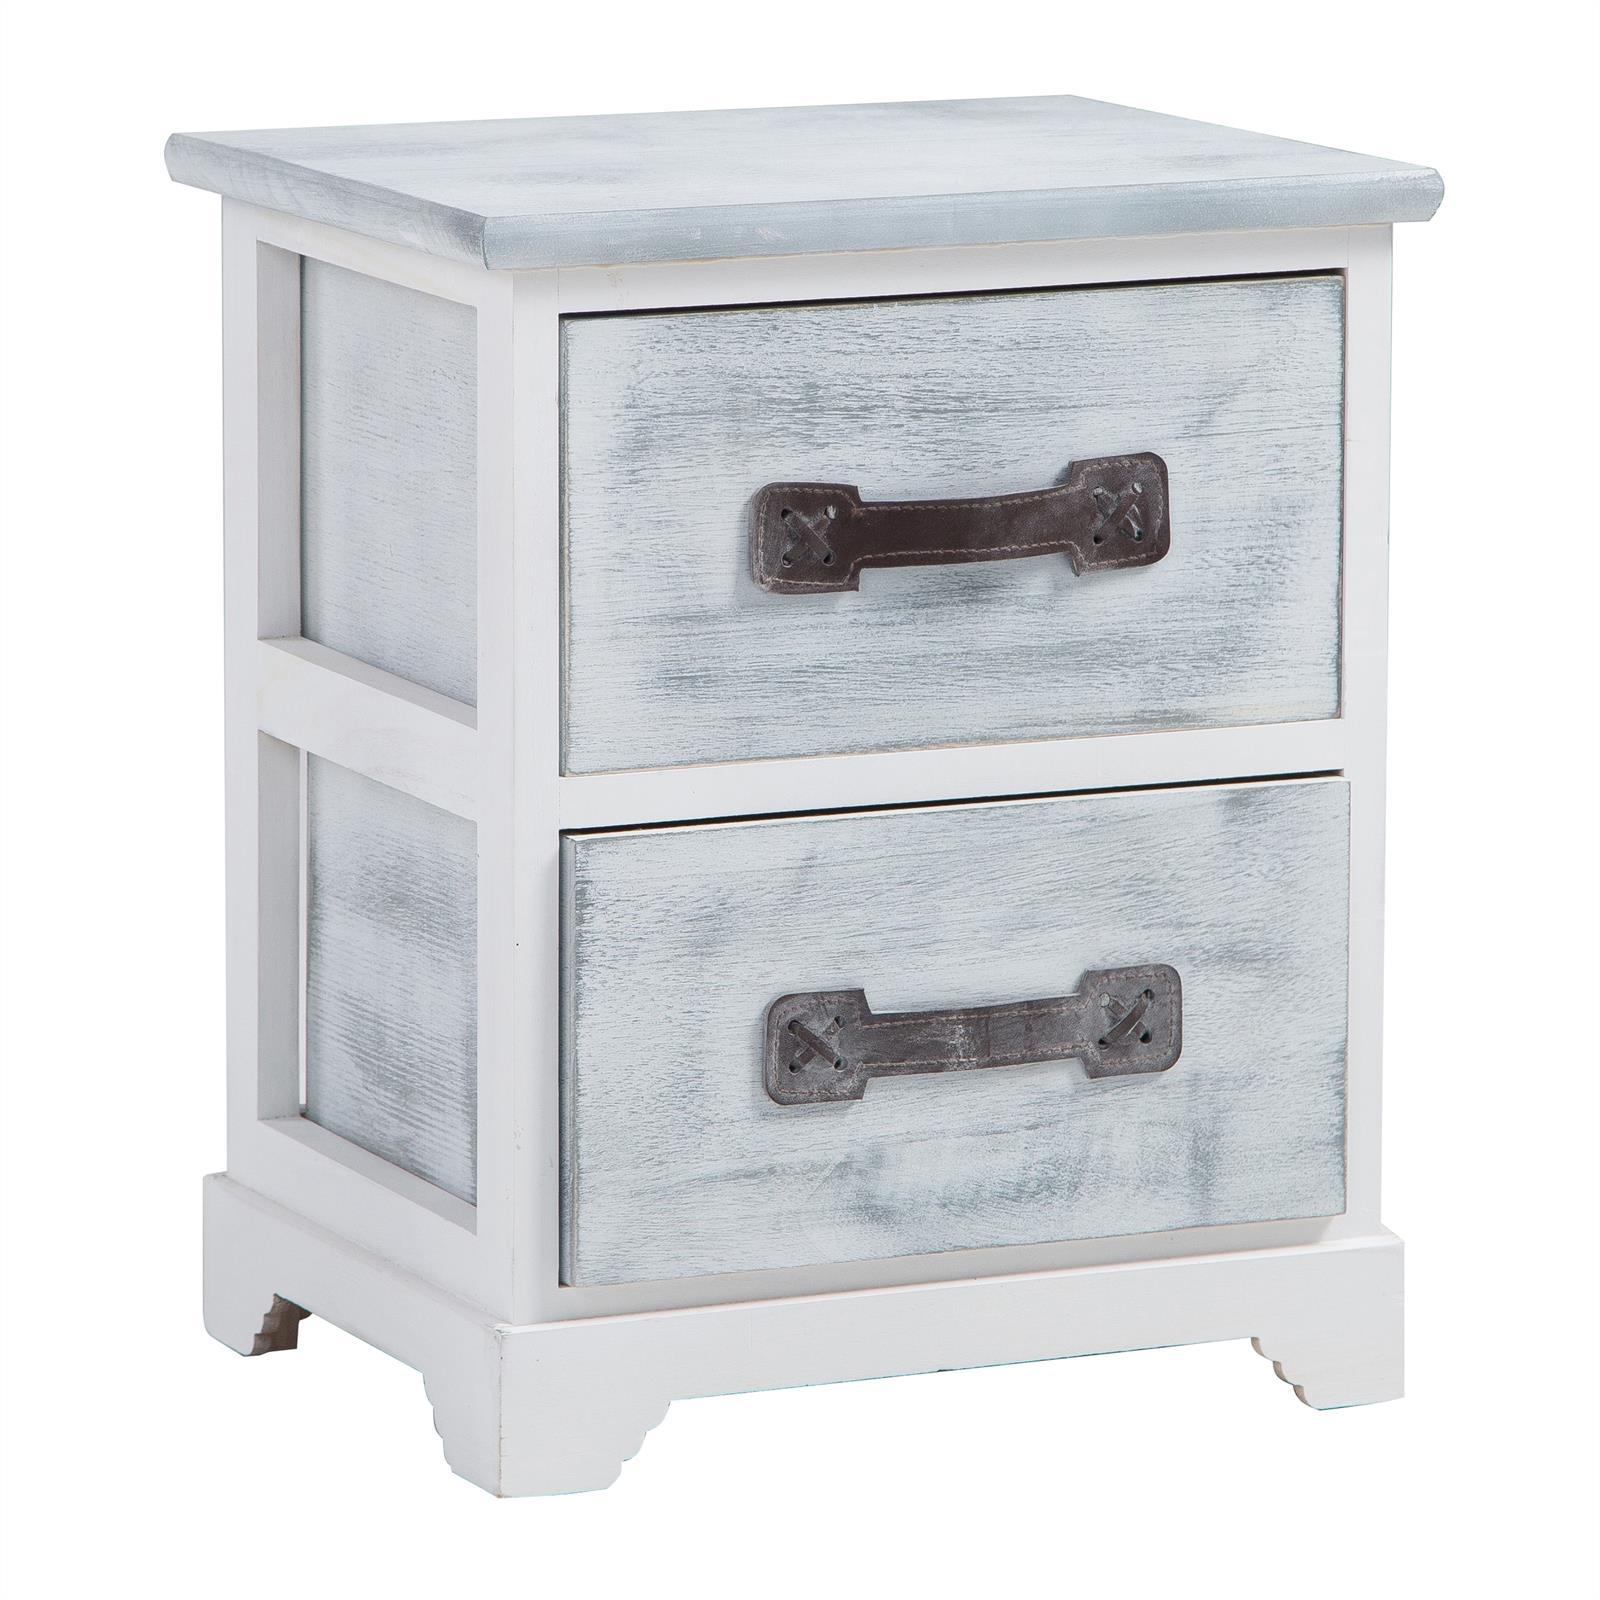 nachttisch salerno grau wei 2 schubladen caro m bel. Black Bedroom Furniture Sets. Home Design Ideas